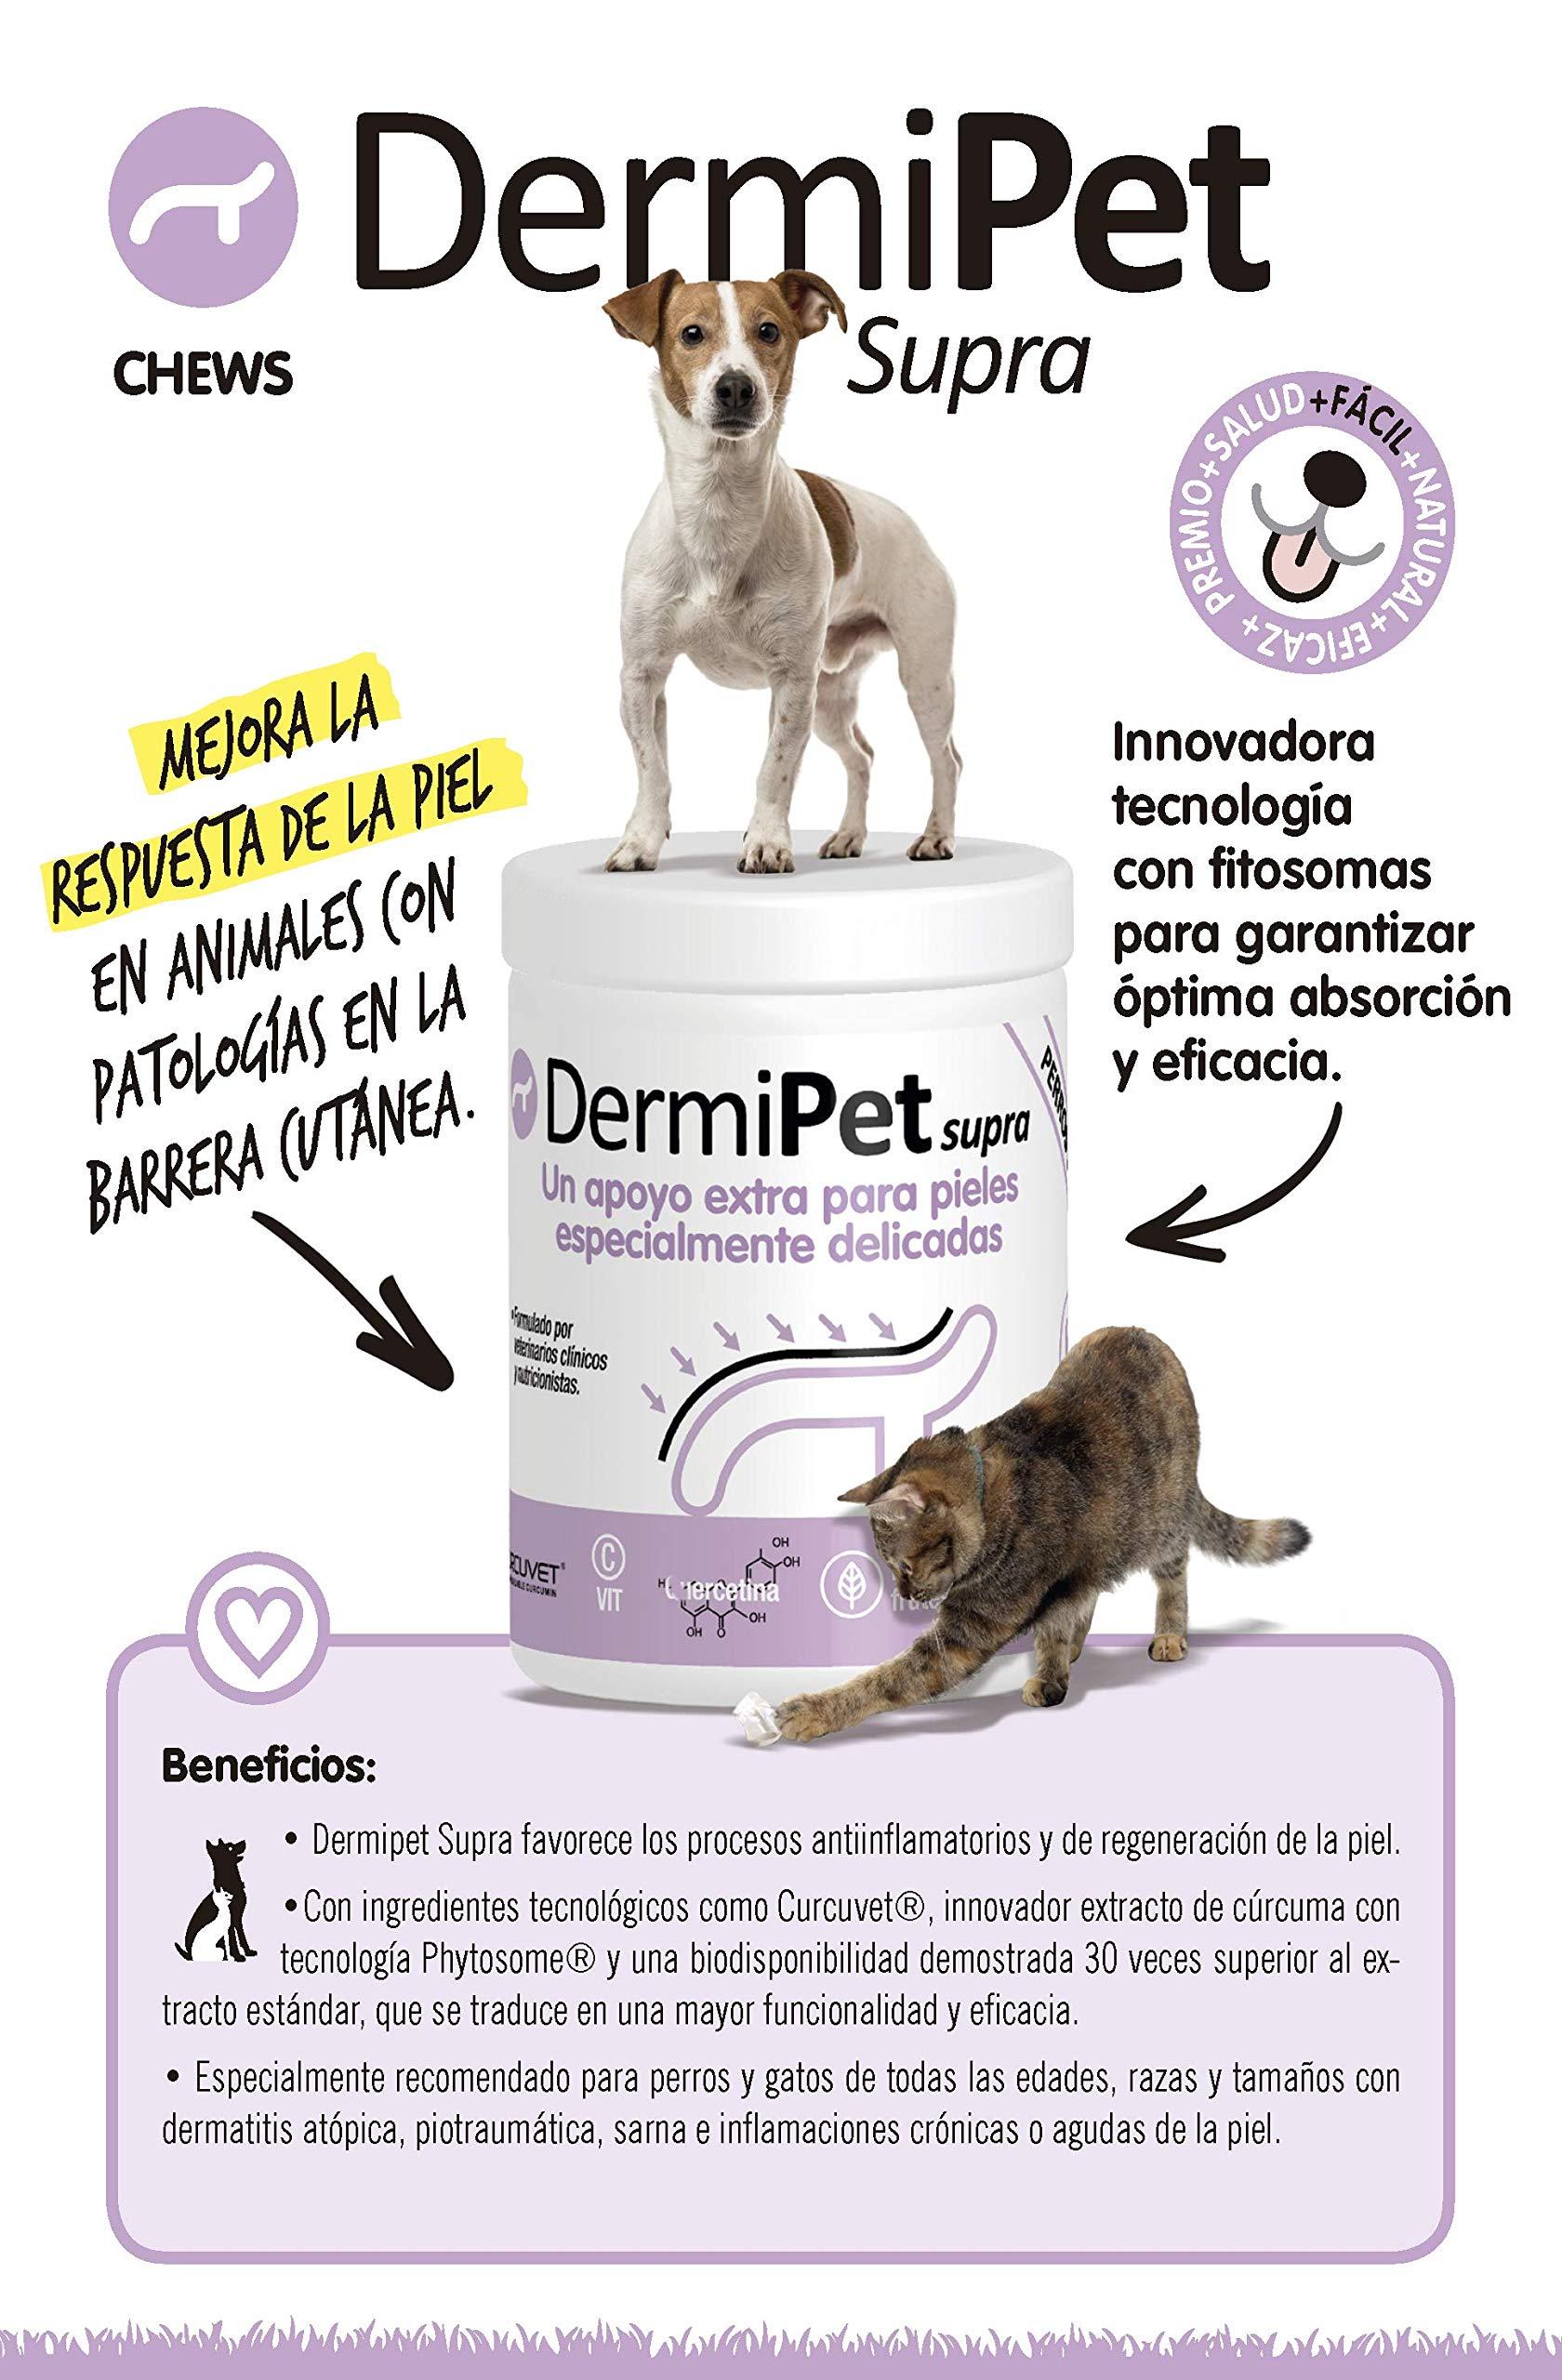 DERMIPET Supra. Alergias e Intolerancias en Gatos y Perros. Perilla Frutescens, Rihzoma Curcumae, Quercetina, Vitamina C: Amazon.es: Productos para mascotas